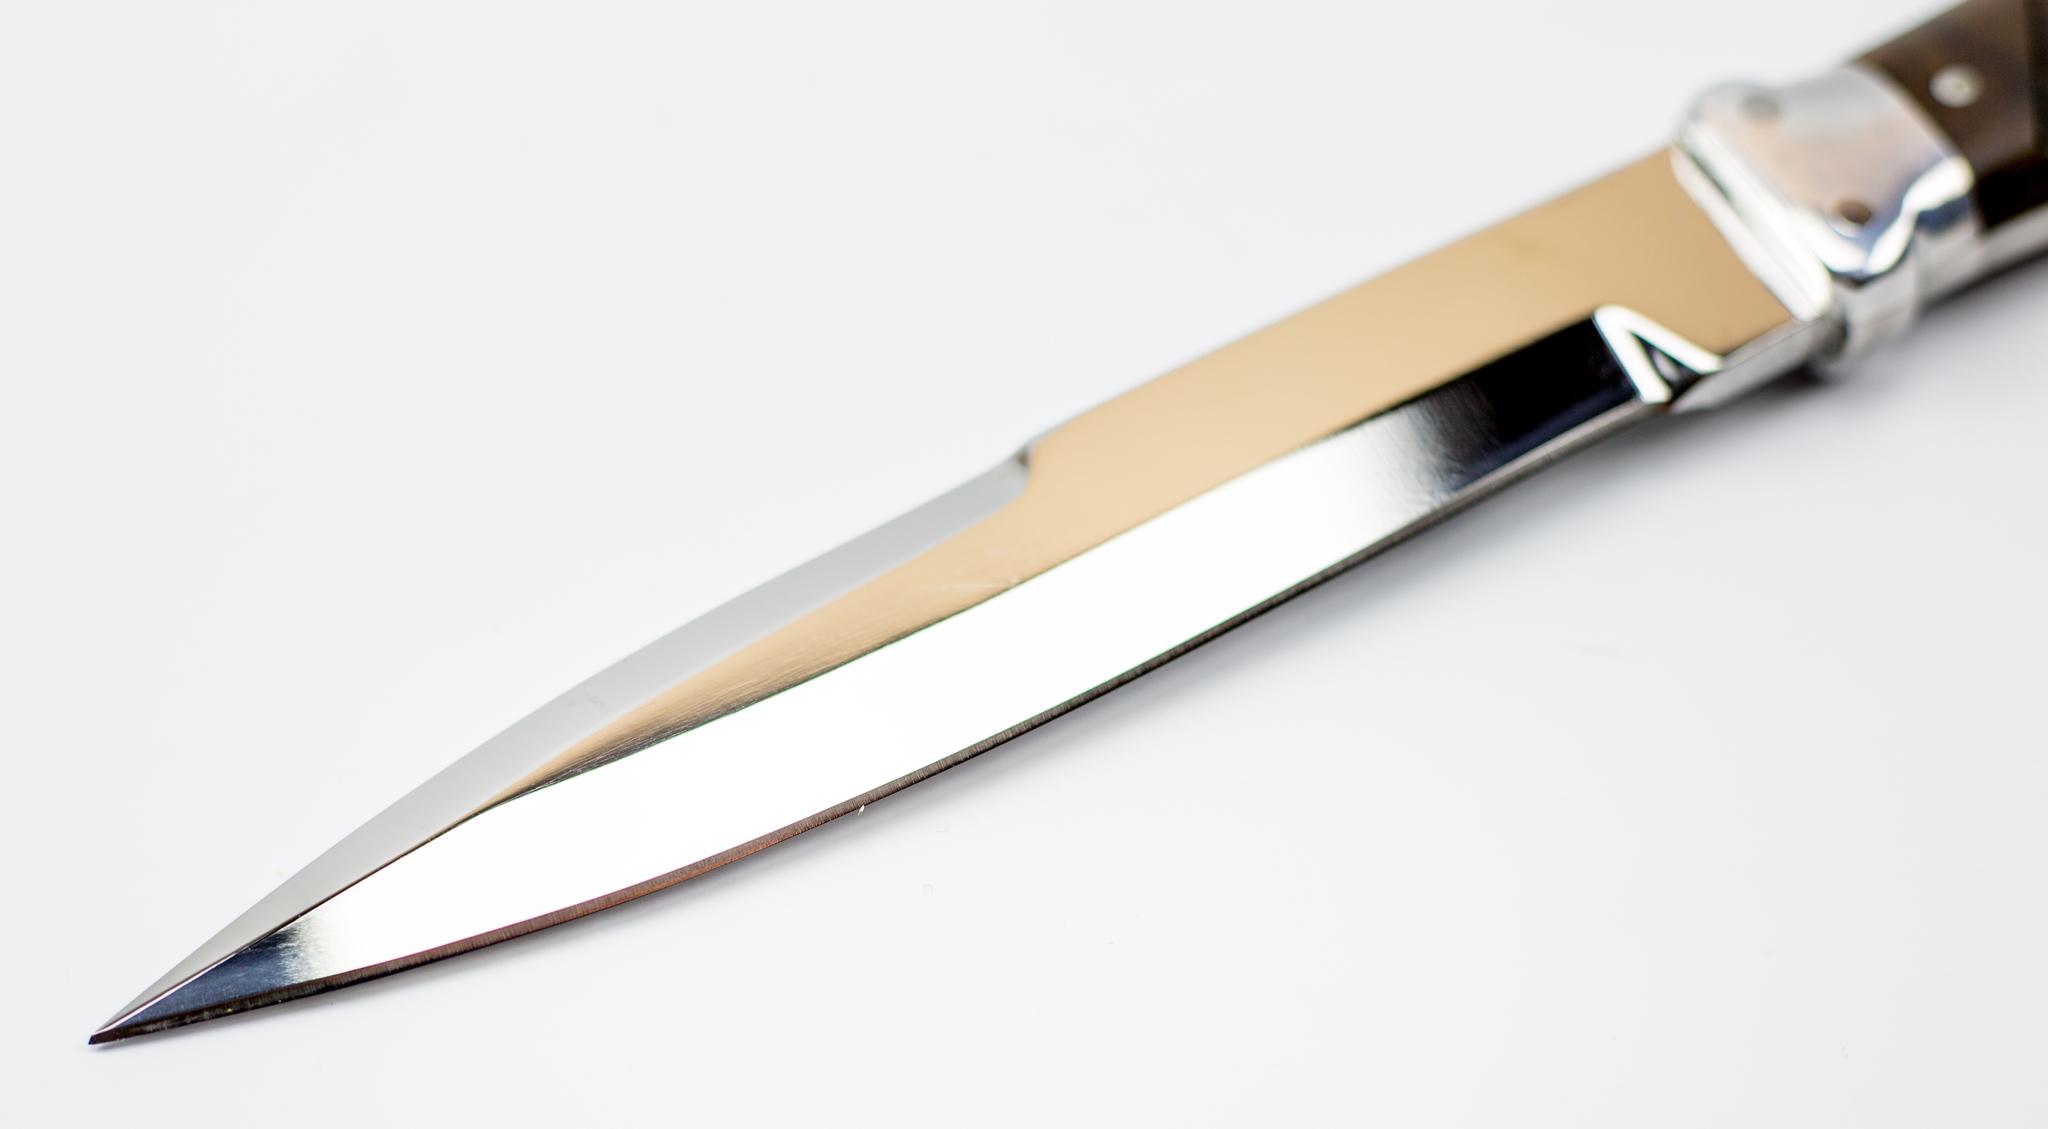 Фото 4 - Окопный нож, цмт от Павловские ножи